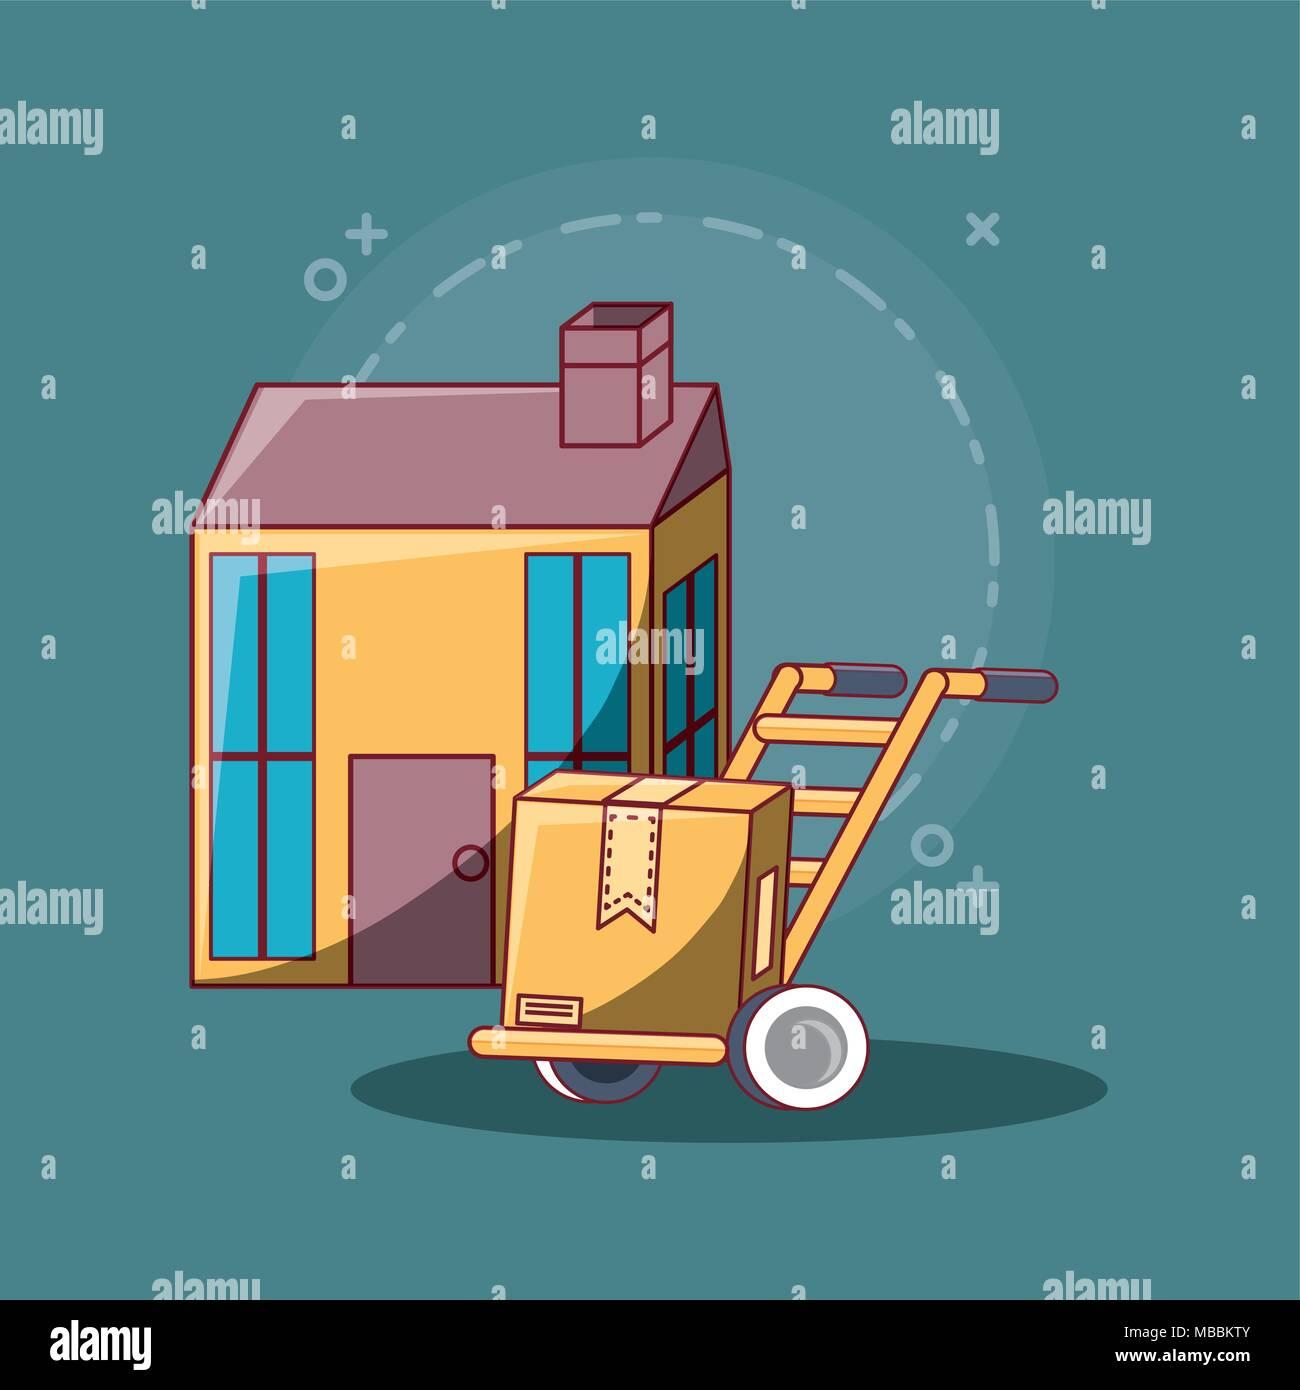 Entrega Gratuita Diseno Con Casa Y Carro De Mano Con House Sobre